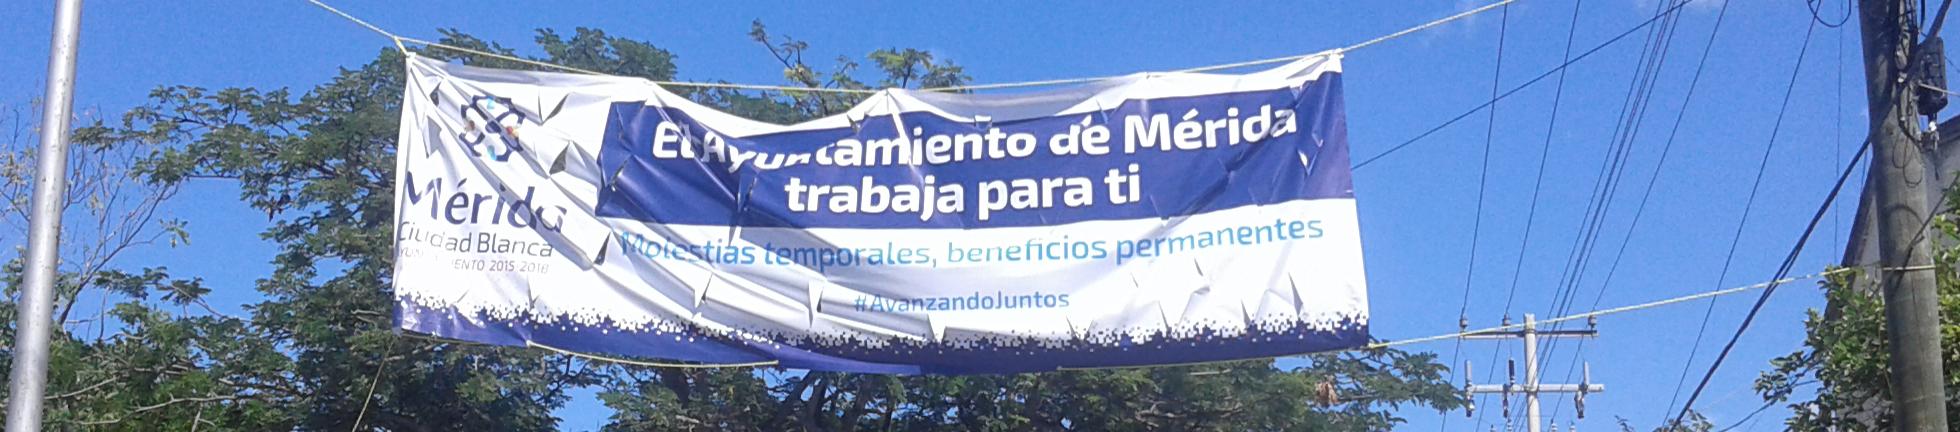 Manta del Auntamiento de Mérida para promover sus obras. Beneficios permanentes, dicen —Imagen de Voz Abierta